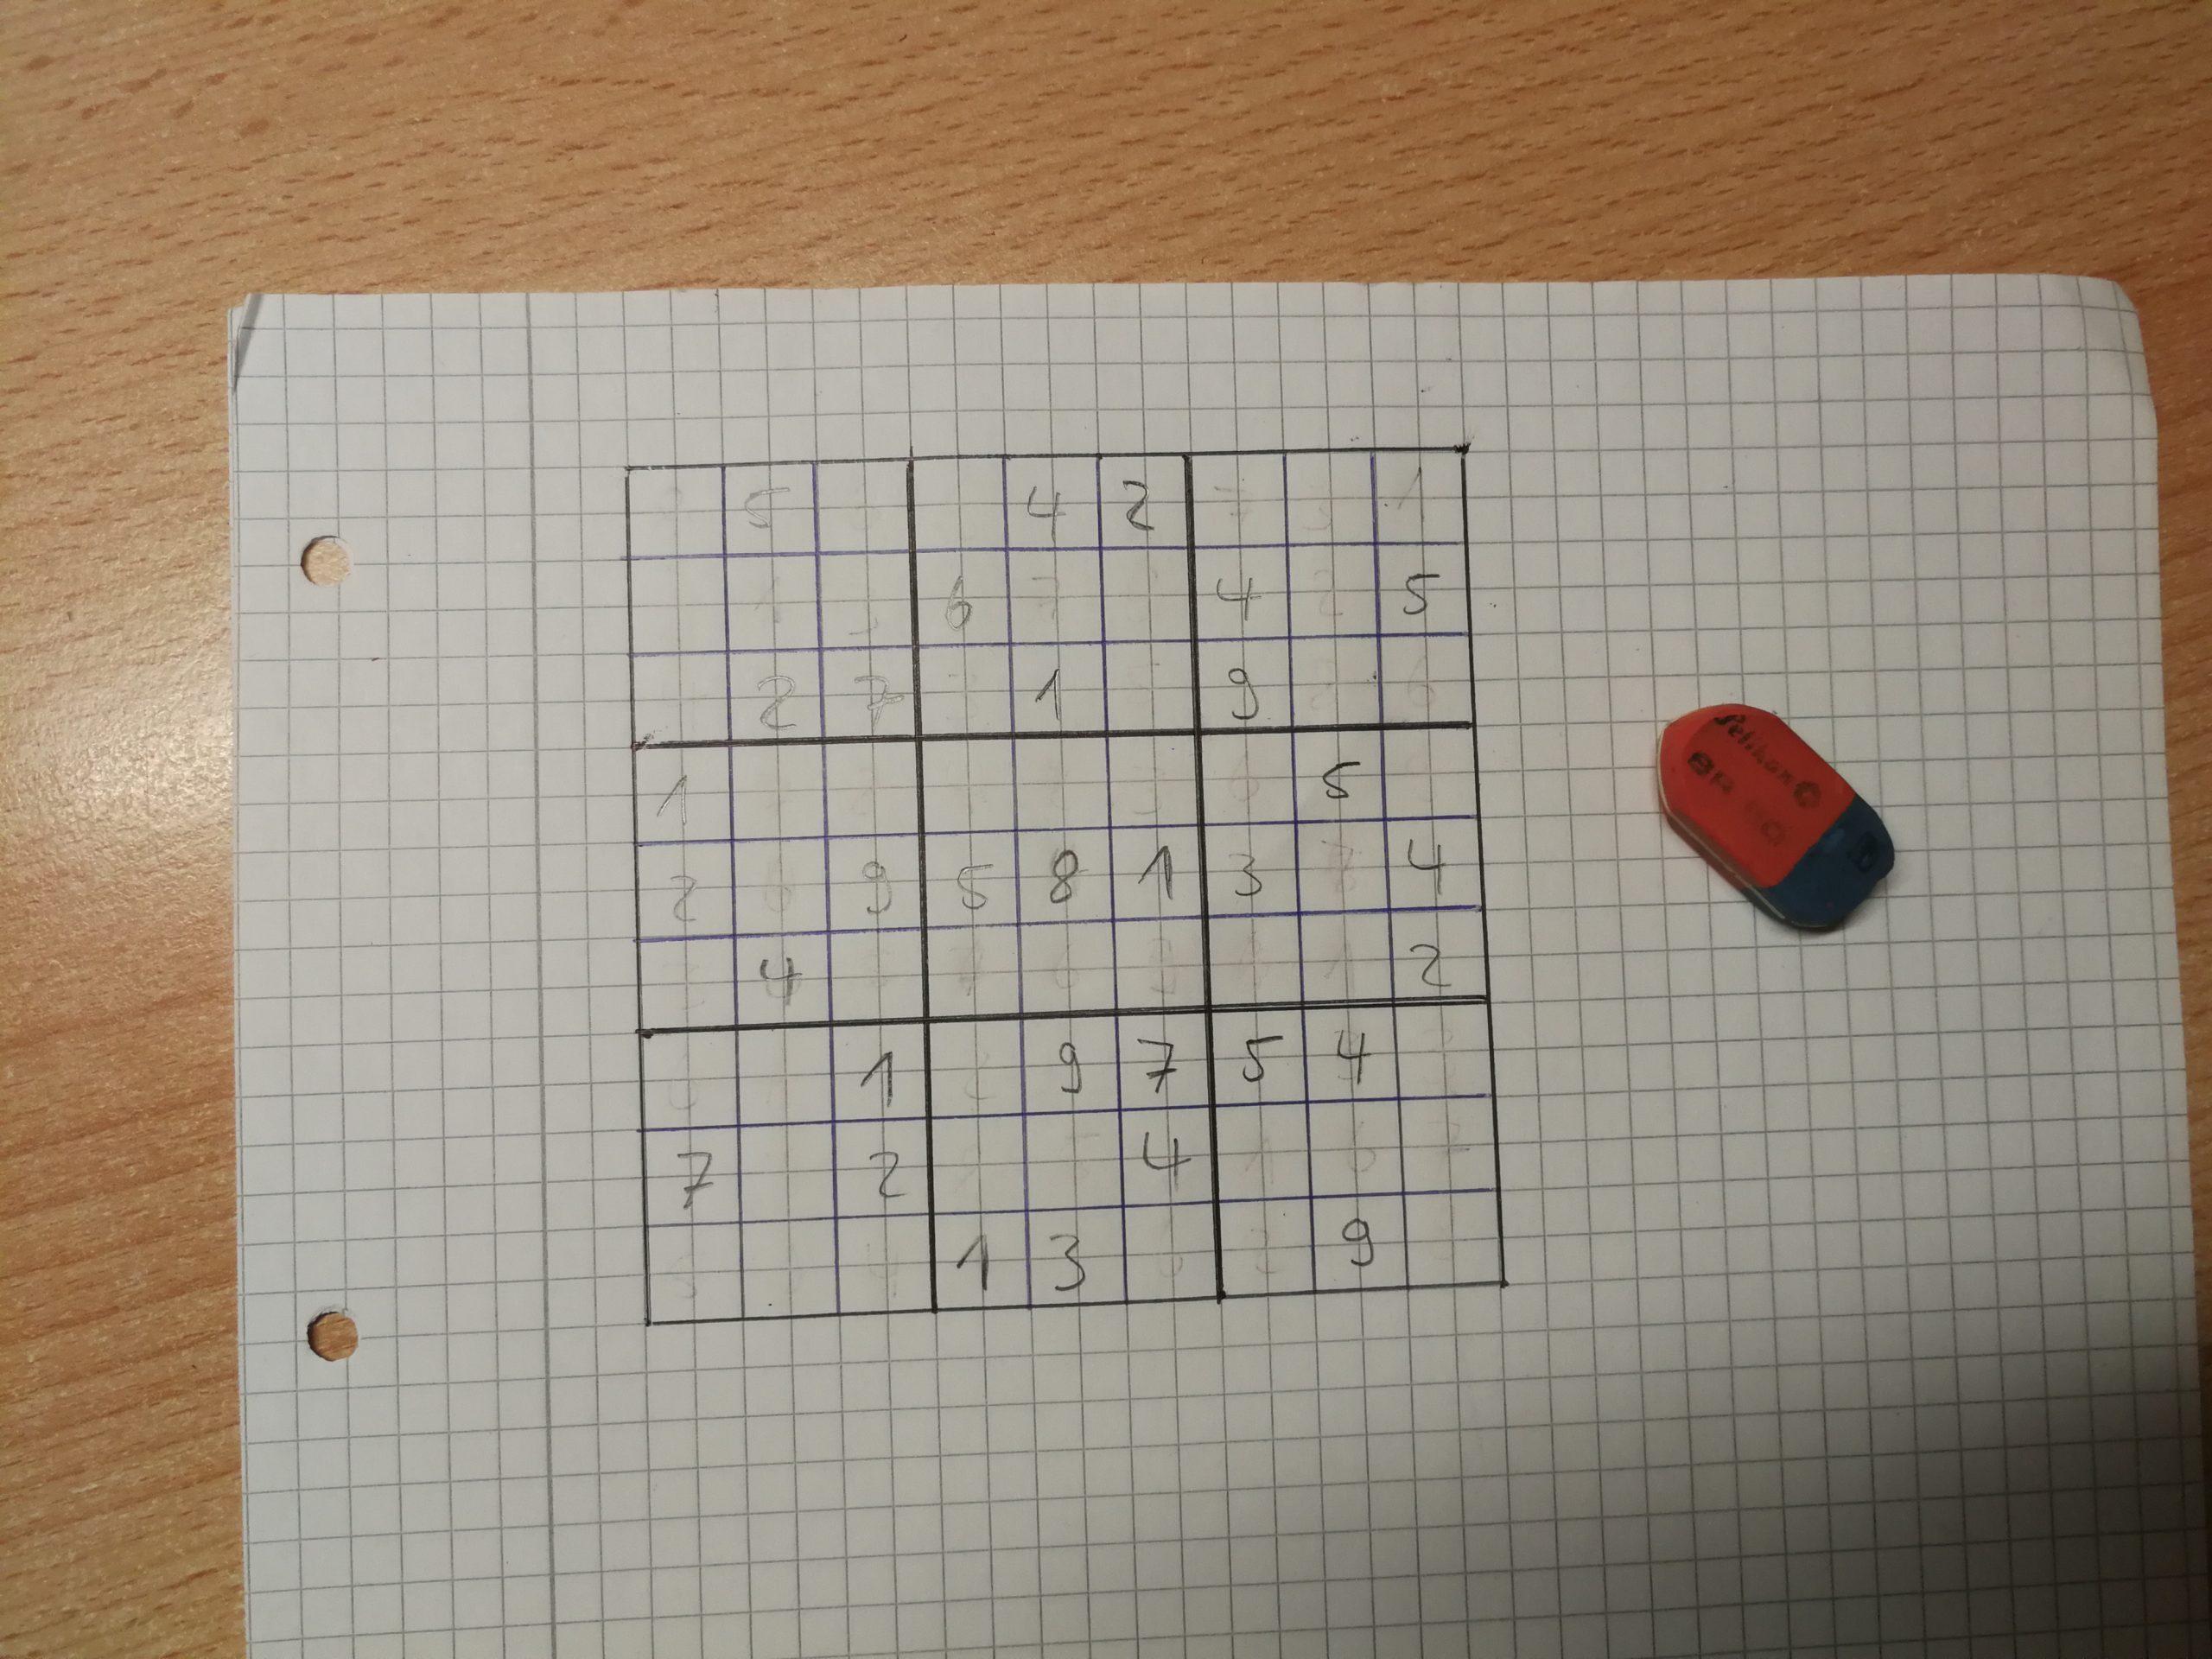 Sudoku Selber Erstellen: Zahlenrätsel Von Hand & Mit Dem Pc verwandt mit Sudoku Selber Machen